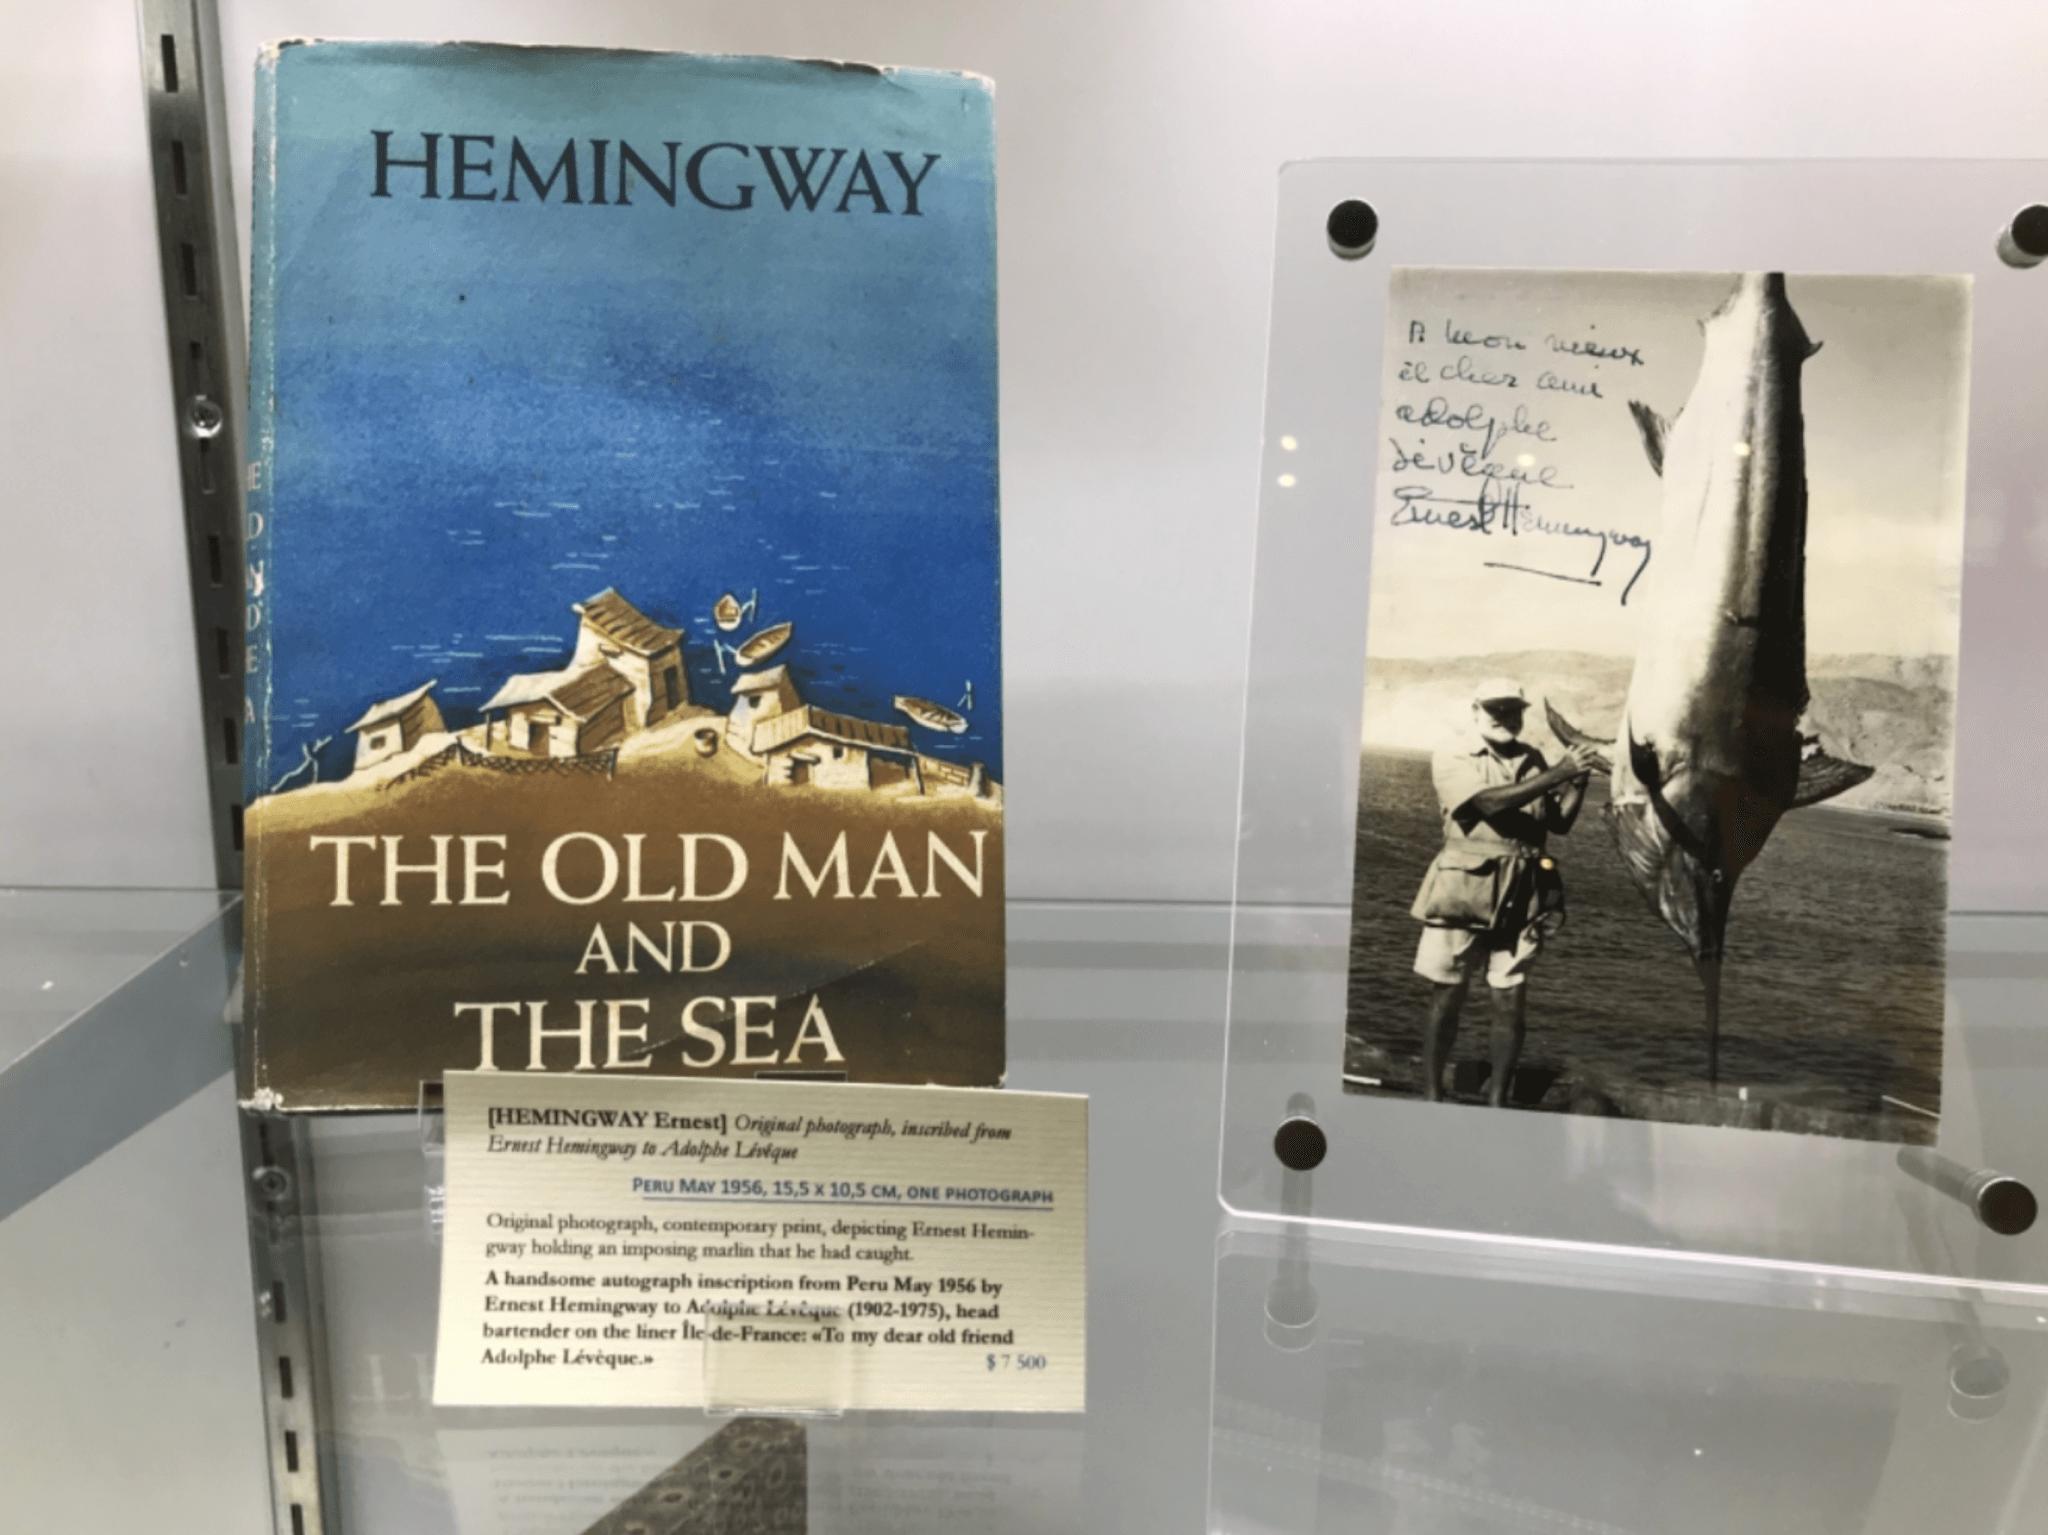 海明威和馬林魚